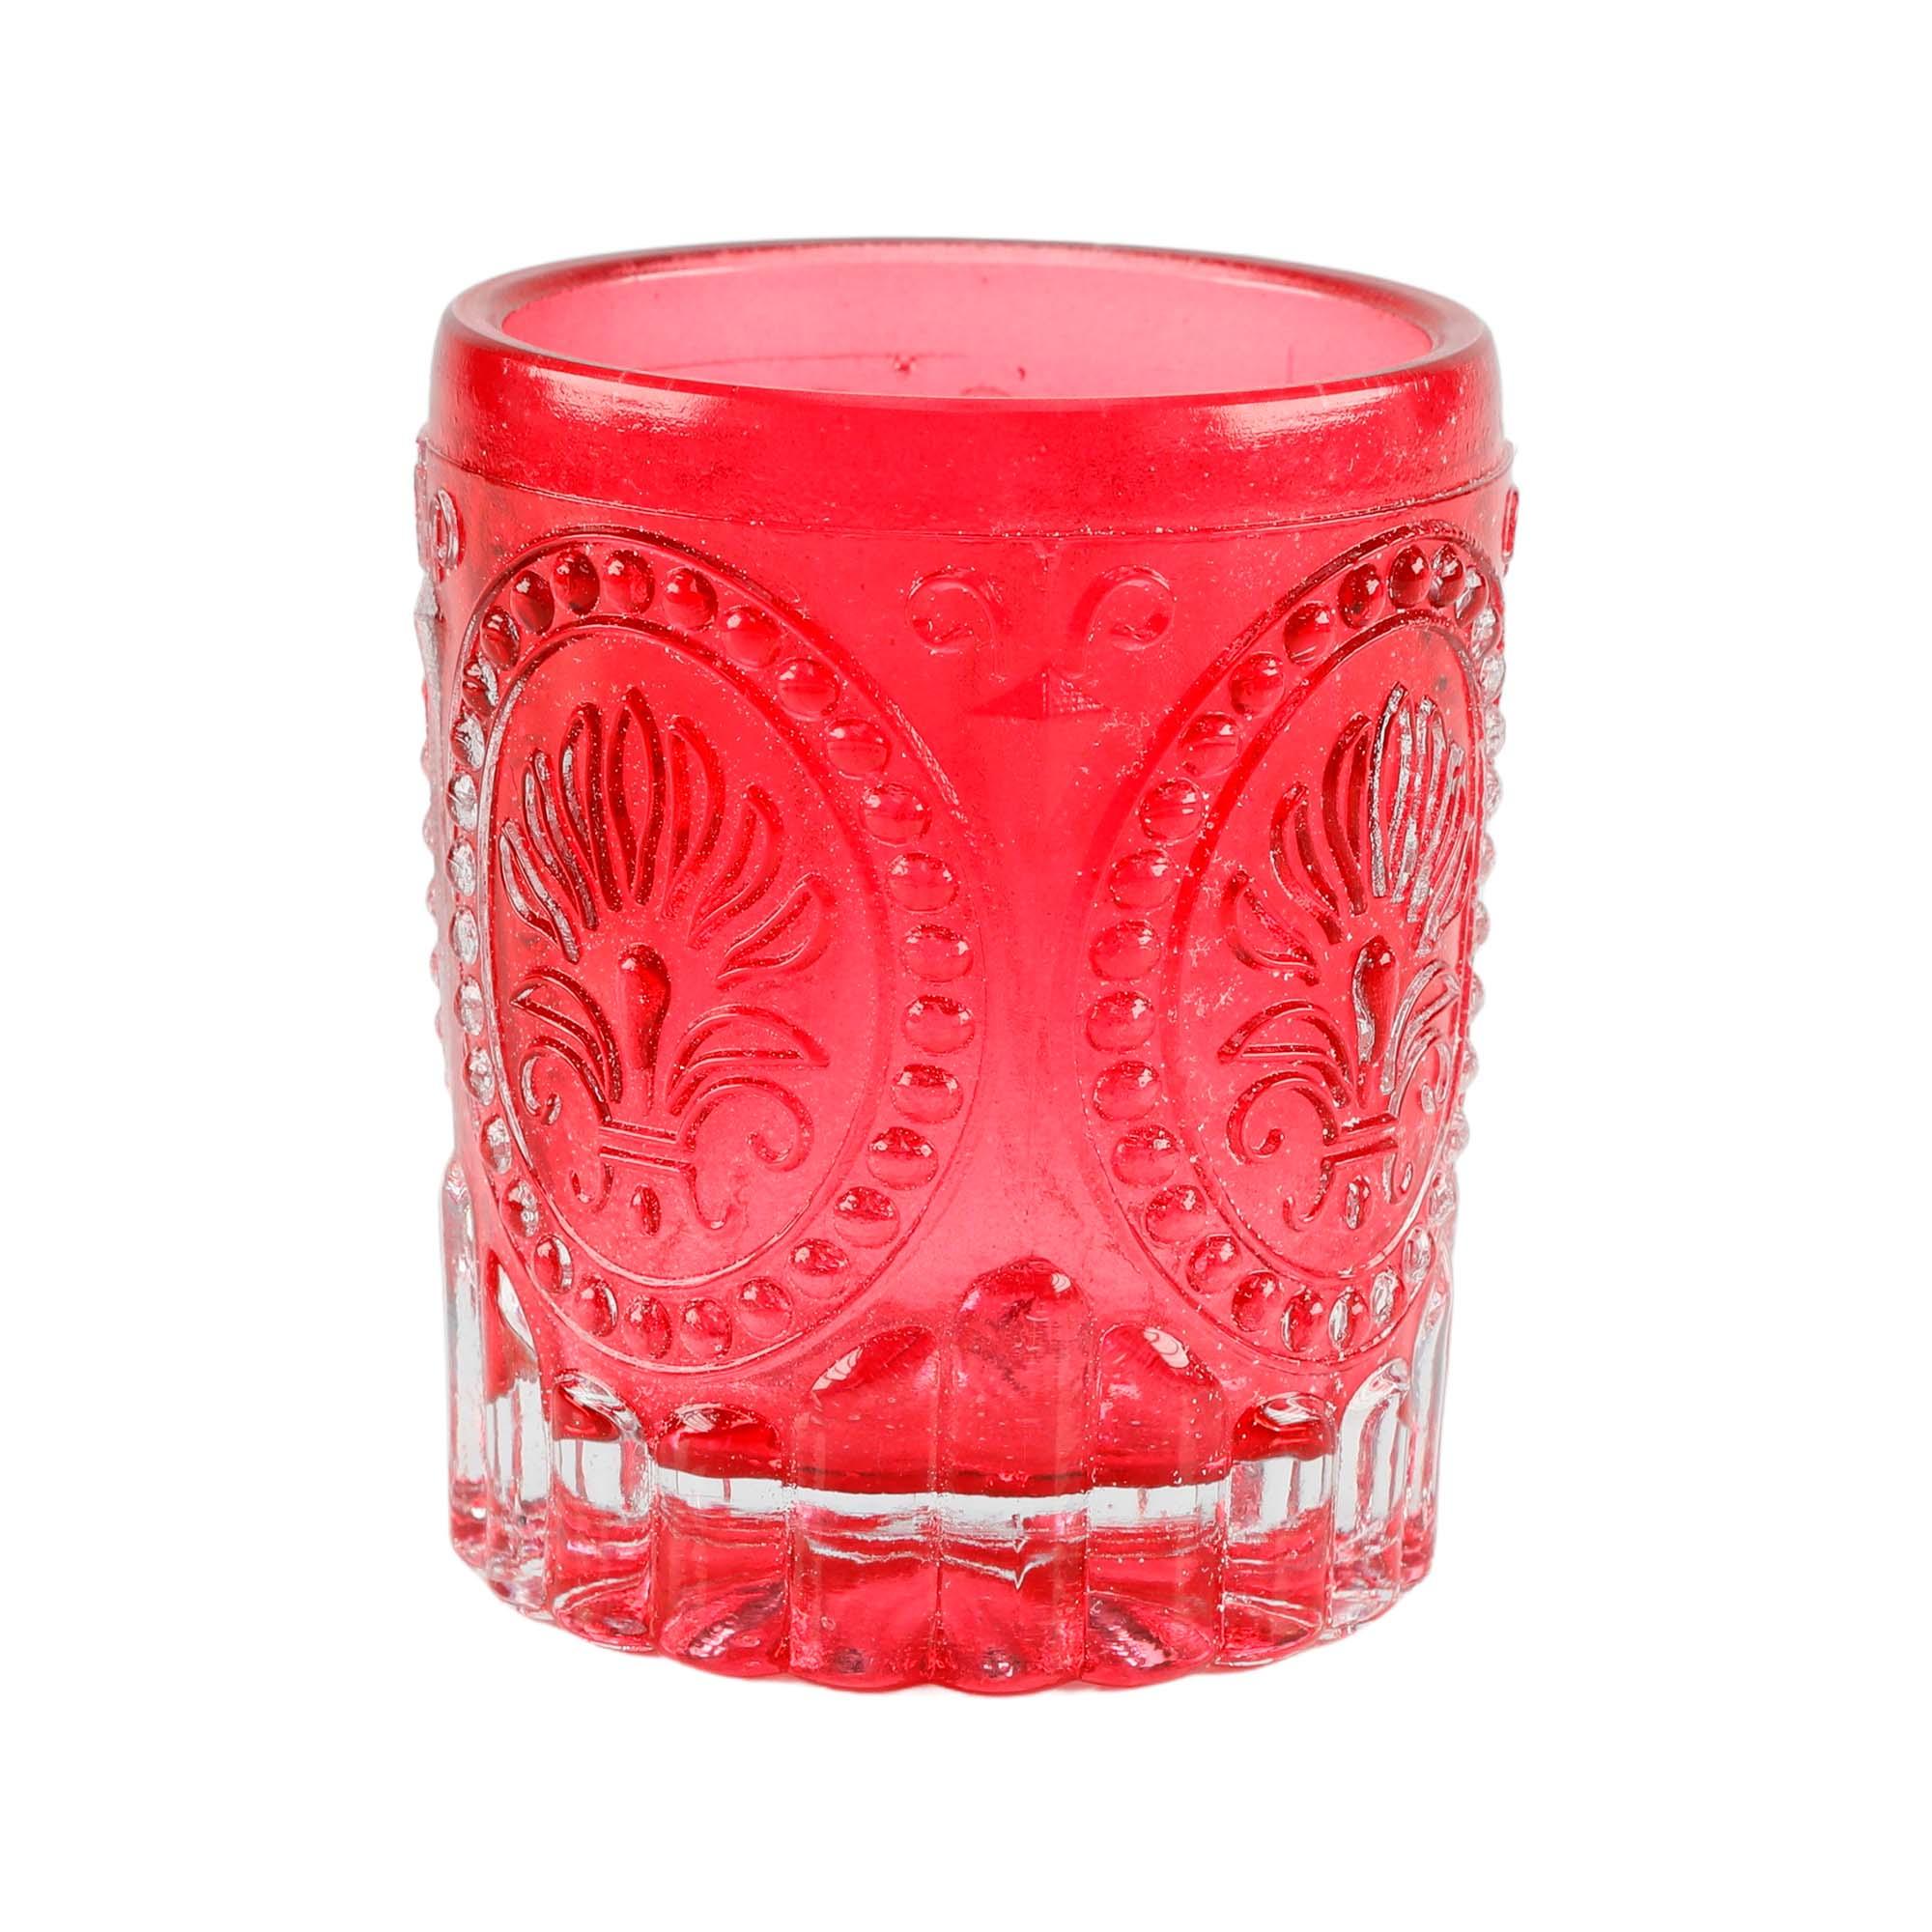 Copo decorativo porta velas vermelho